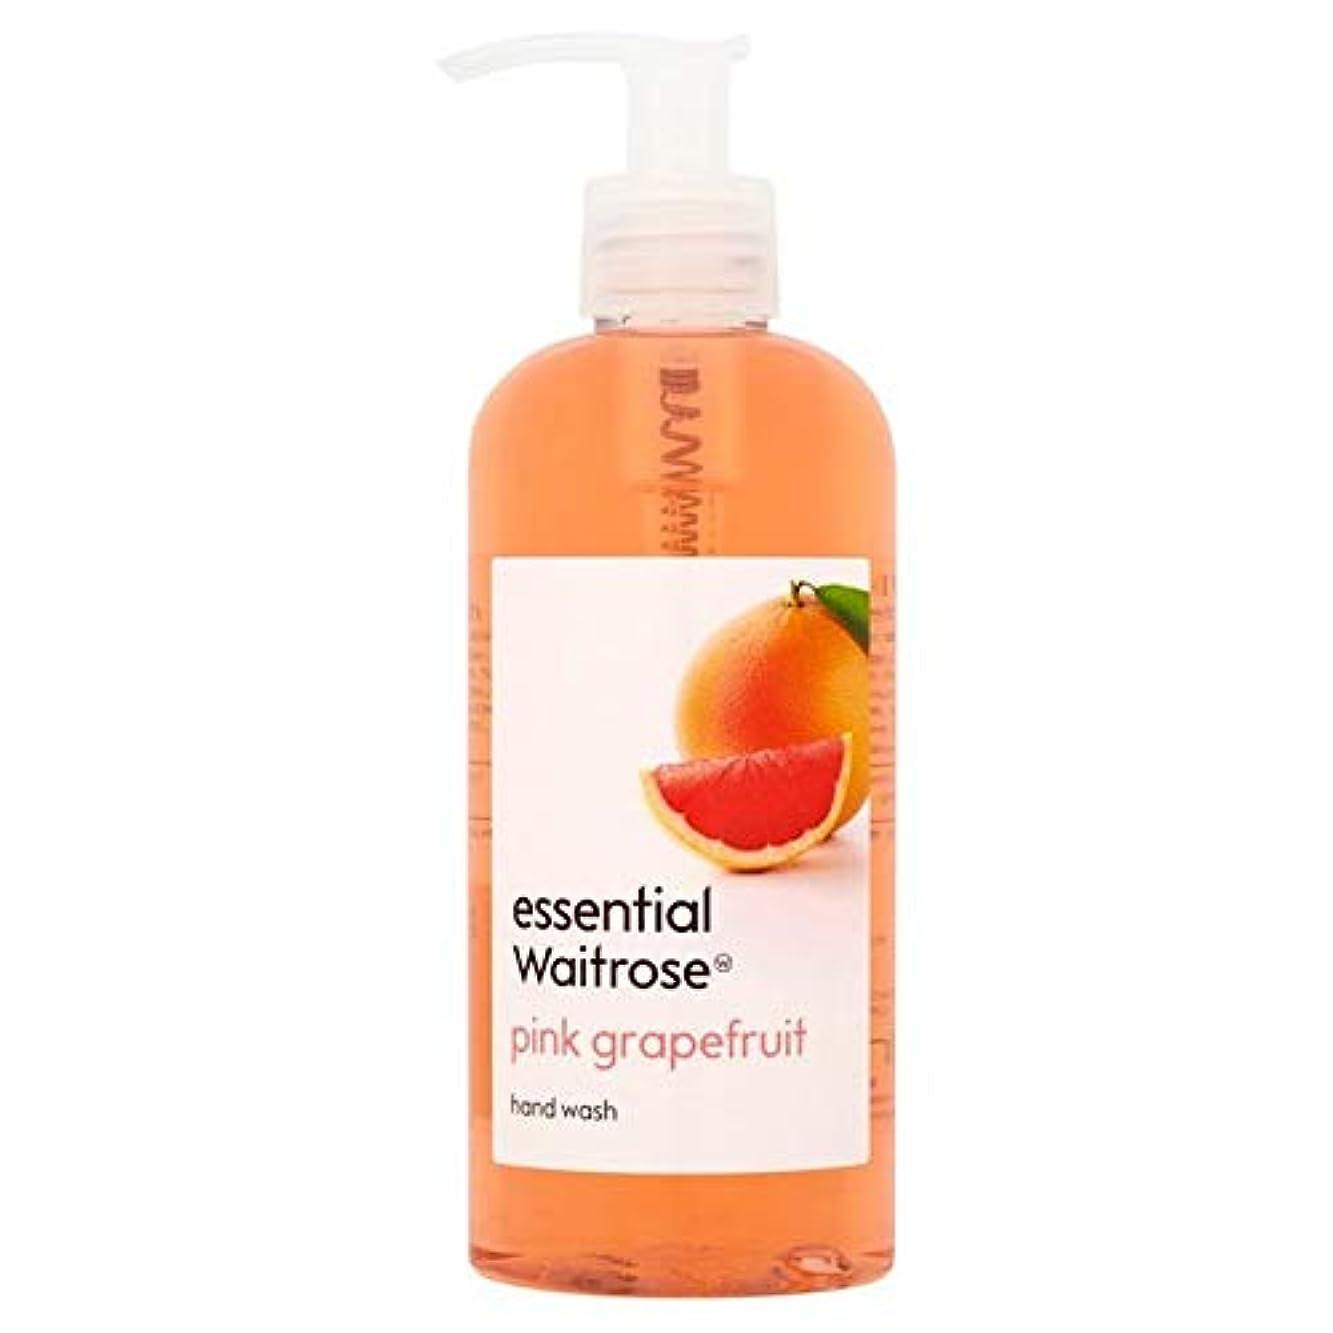 床を掃除する舌なリテラシー[Waitrose ] 基本的なウェイトローズのハンドウォッシュピンクグレープフルーツ300ミリリットル - Essential Waitrose Hand Wash Pink Grapefruit 300ml [並行輸入品]